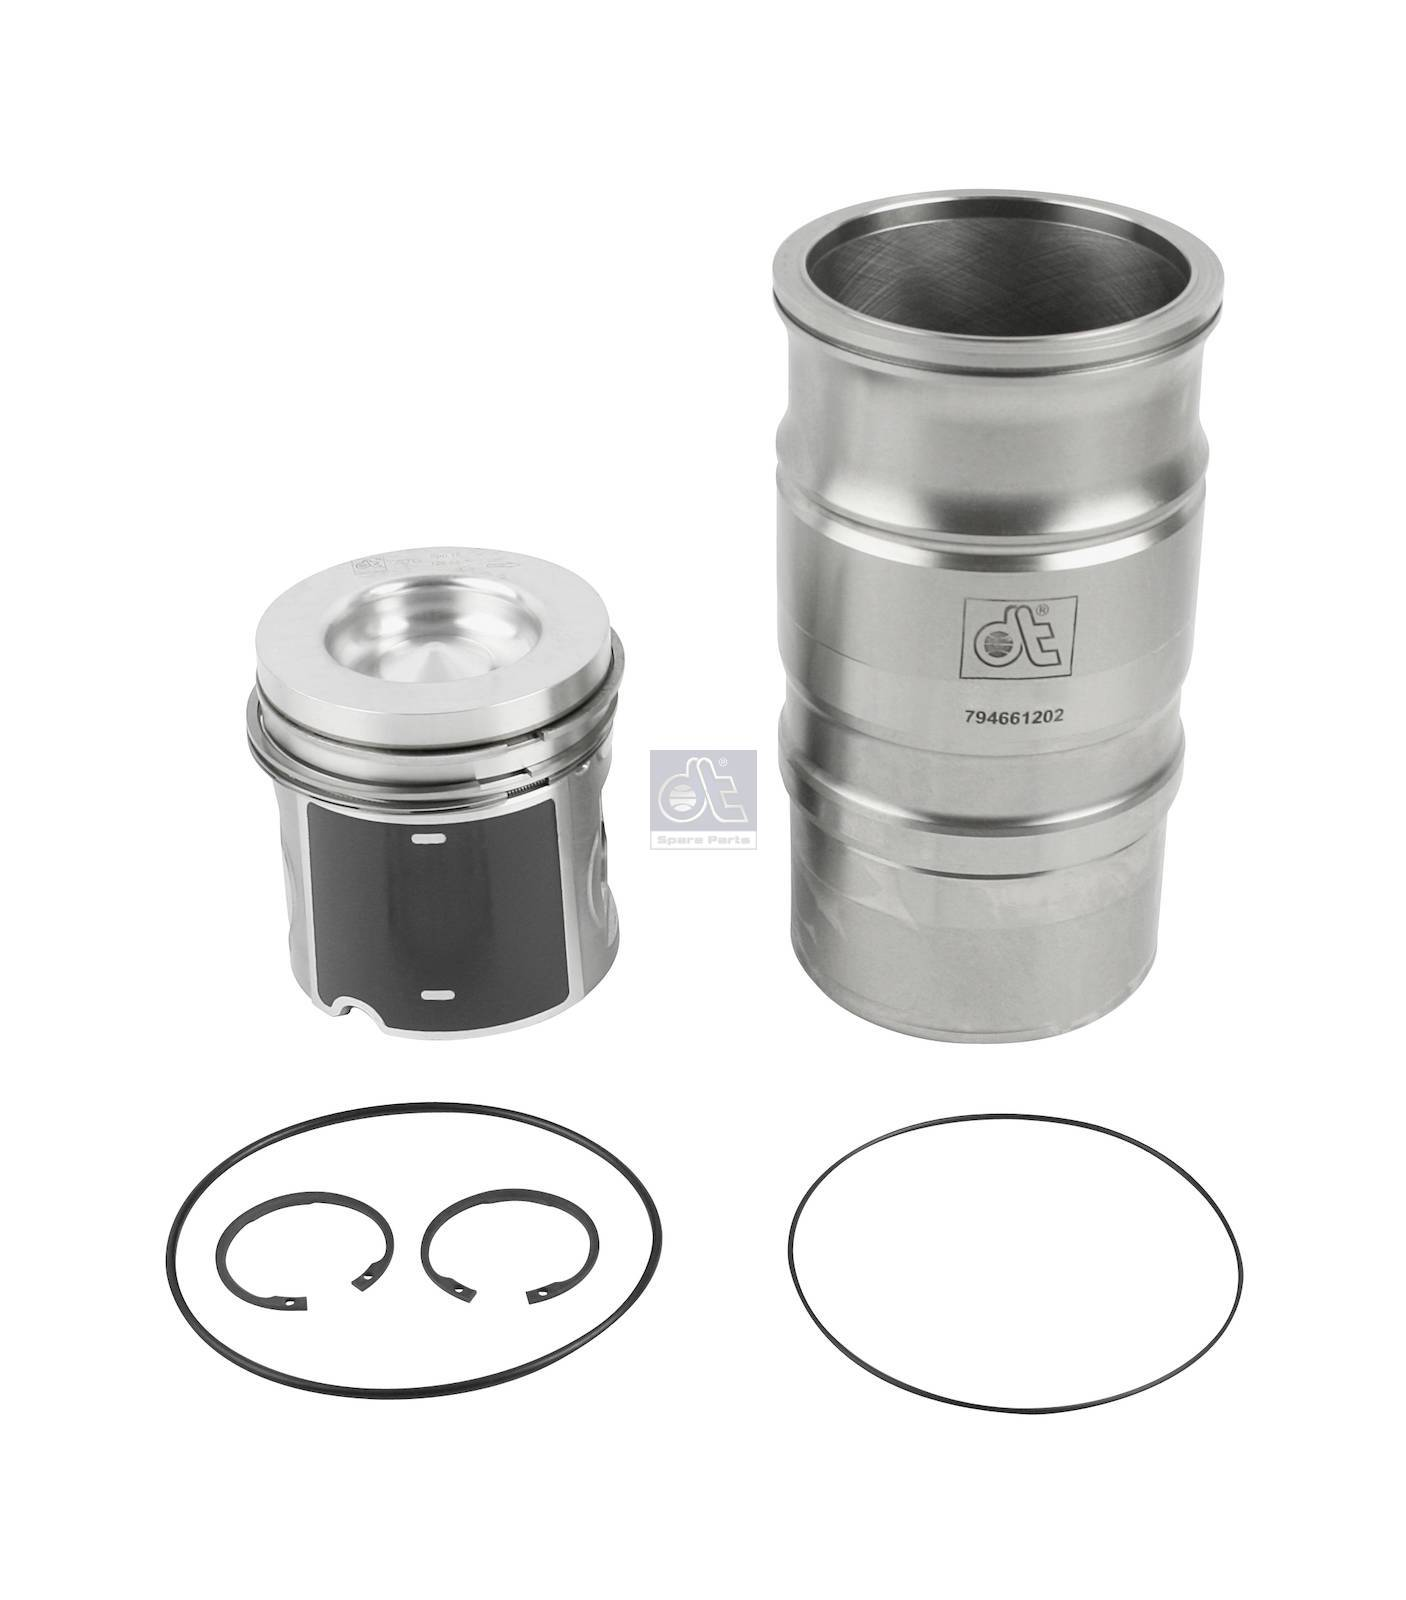 Kit canna cilindro